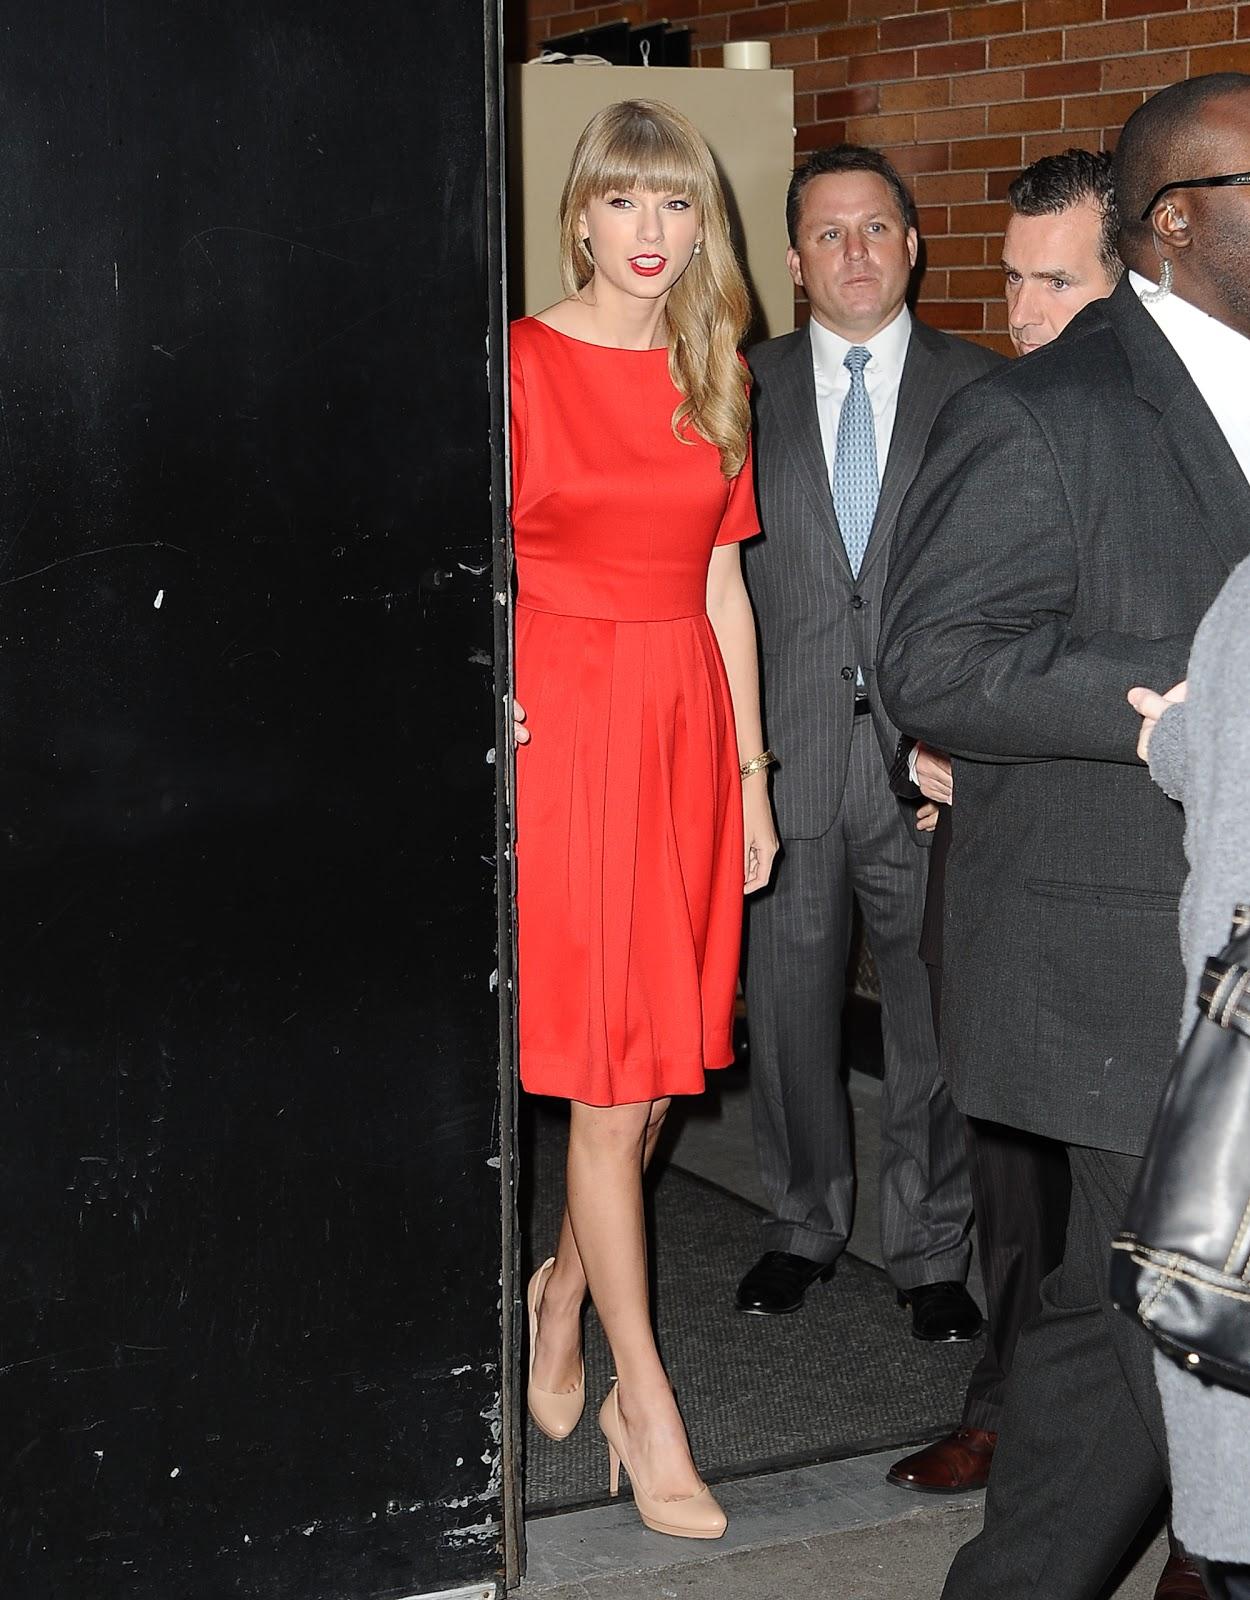 http://1.bp.blogspot.com/-QciR0l8P7WA/UNxiOEdG4lI/AAAAAAAAZq8/uwwjcVatQsQ/s1600/Preppie_Taylor_Swift_at_GMA_10.jpg